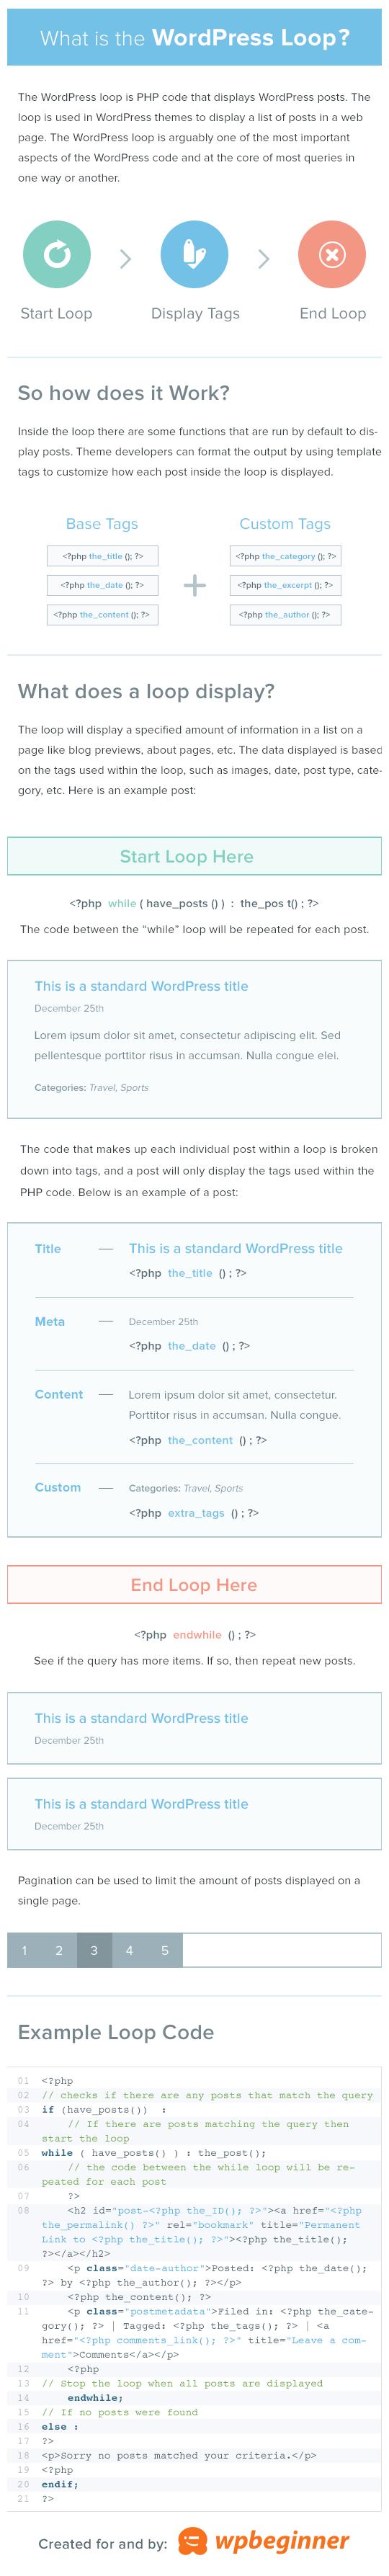 Infographic - Understanding the WordPress Loop